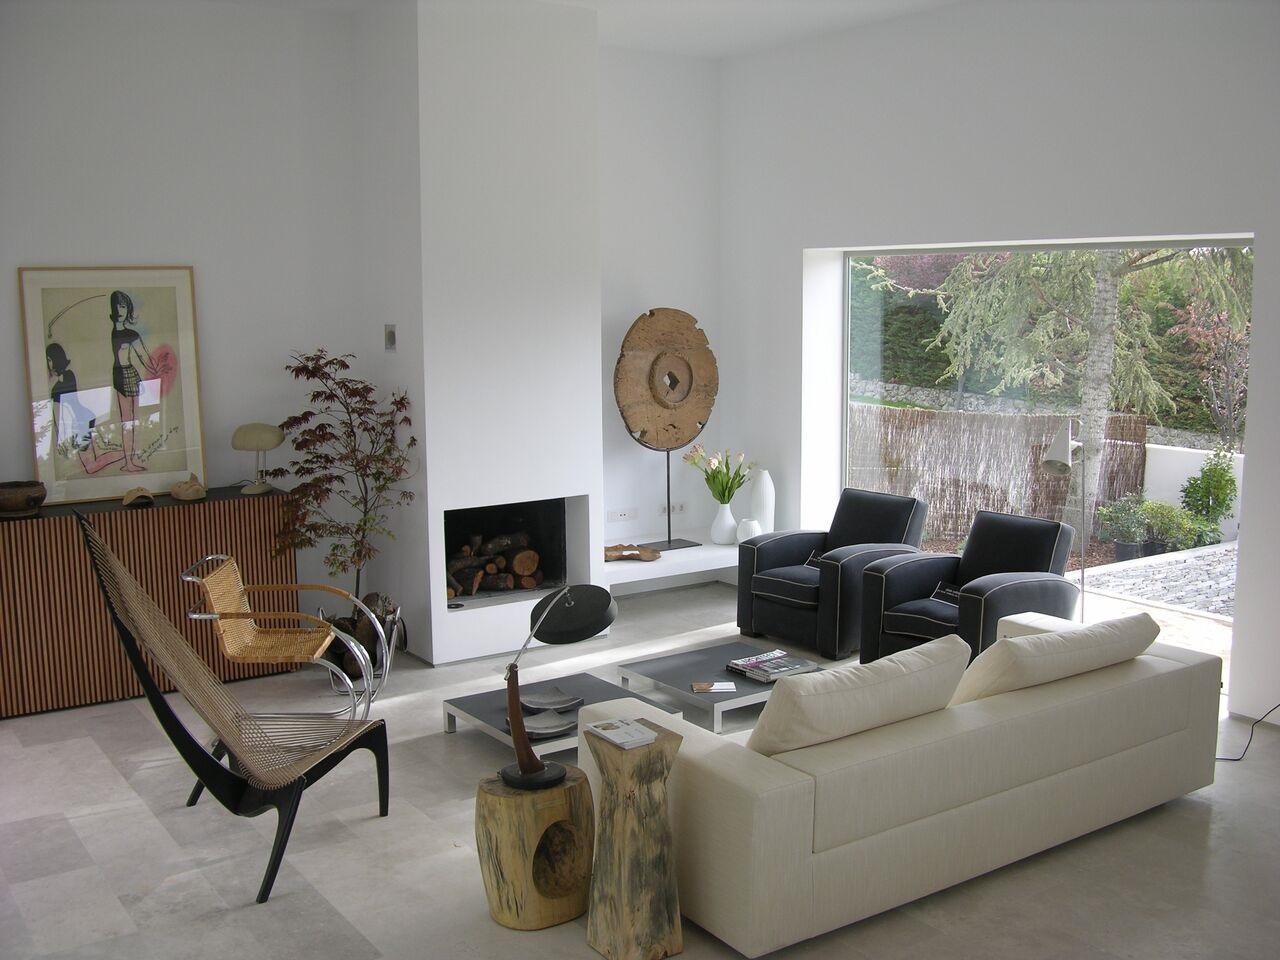 Elementos de decoracion para el hogar proyecto batavia for Elementos decorativos para el hogar